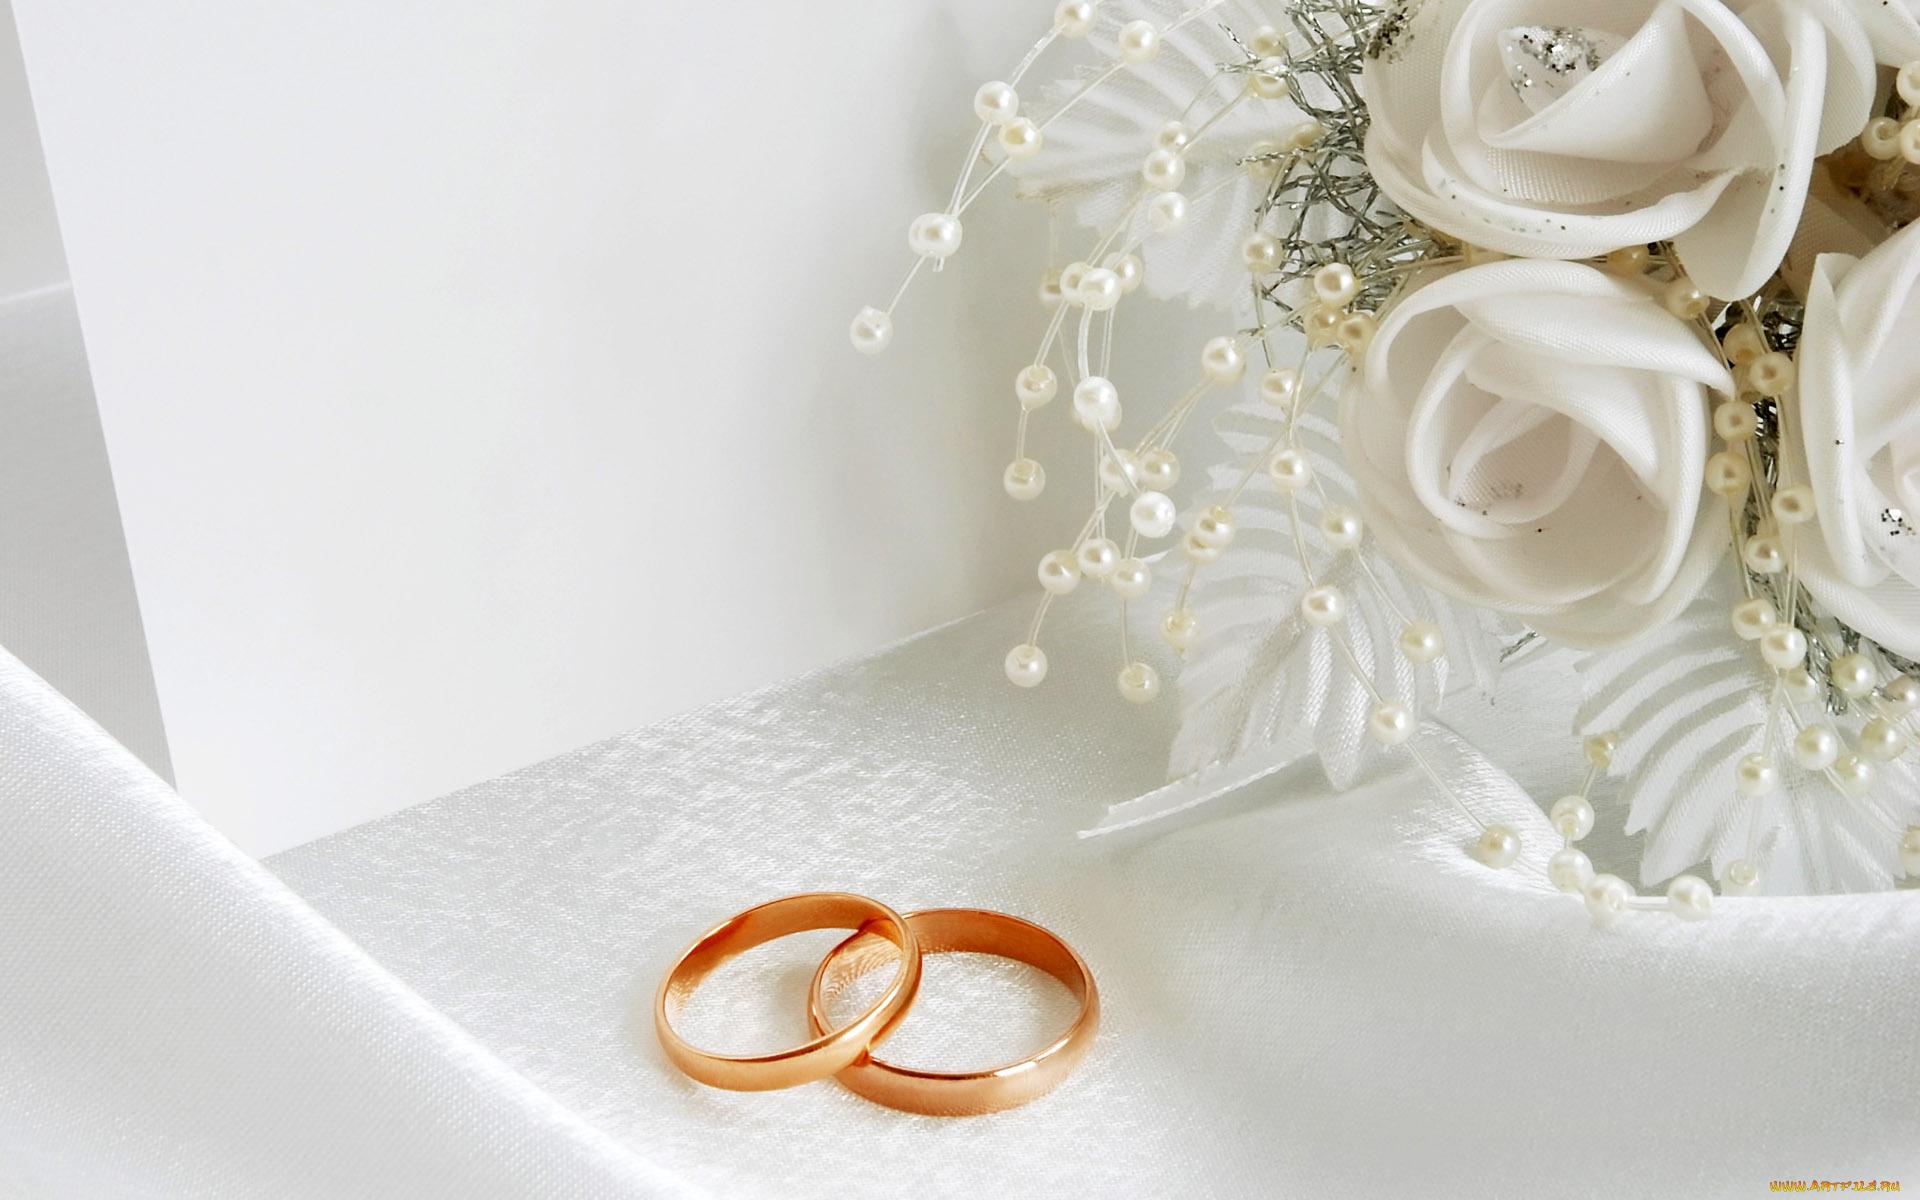 Открытка на золотую свадьбу